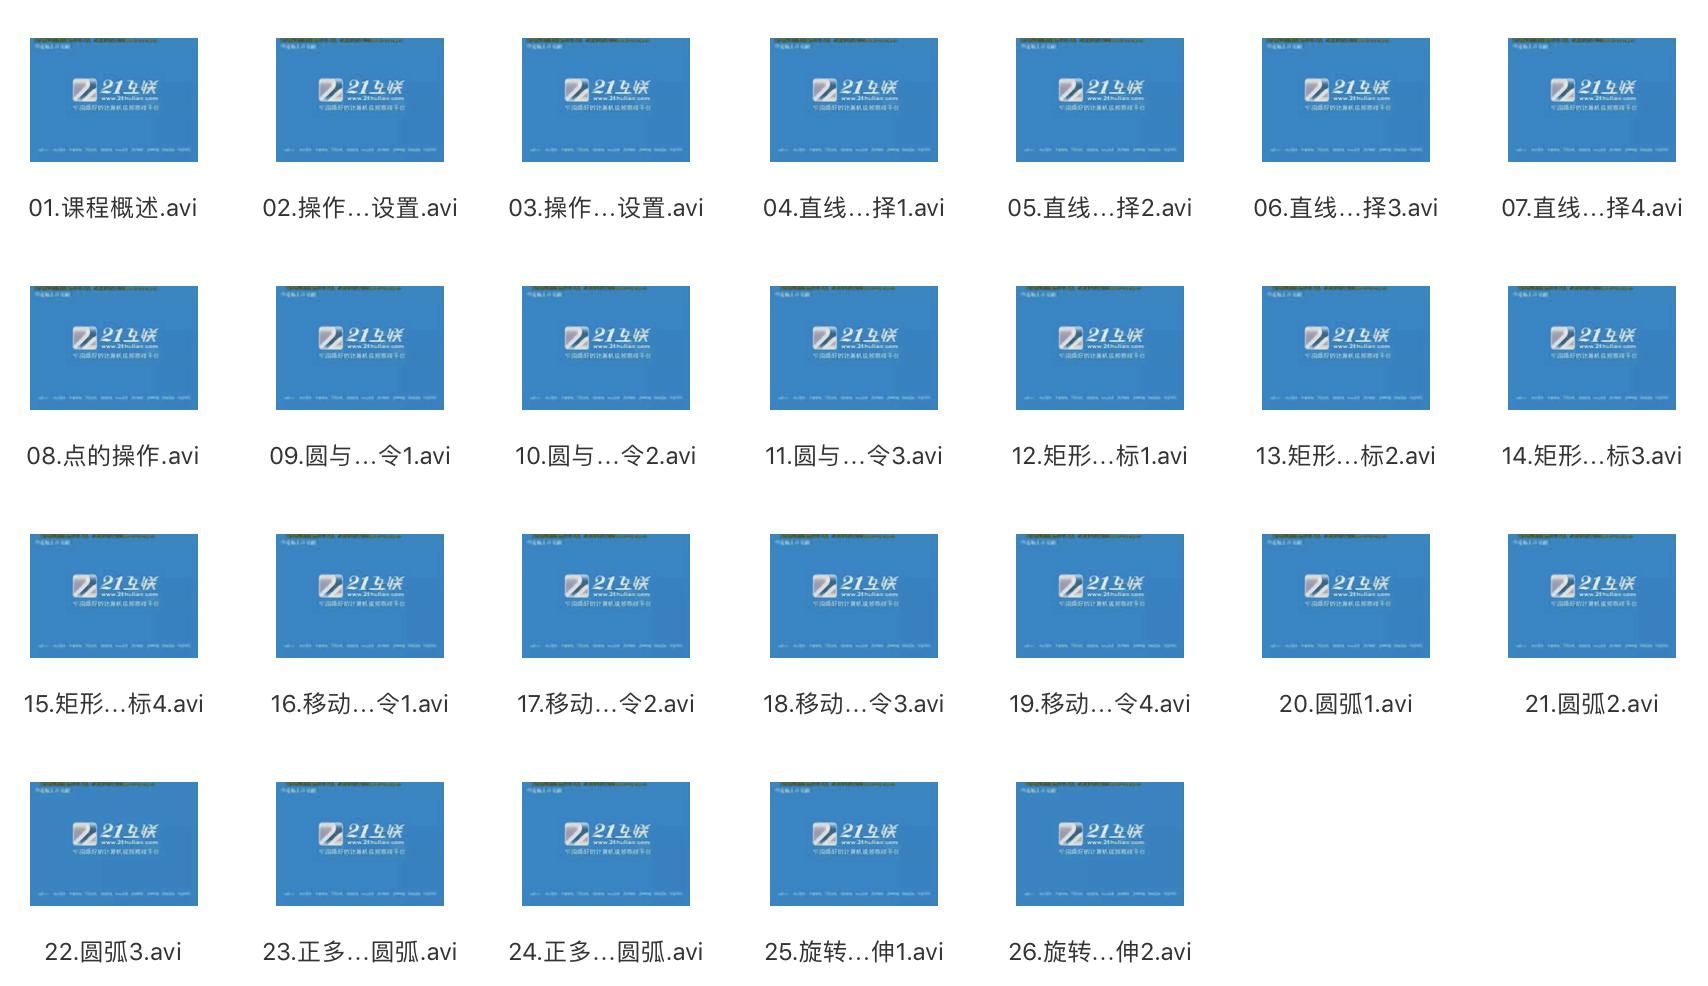 AutoCAD2010频教程全集(从入门到精通) 完整版下载